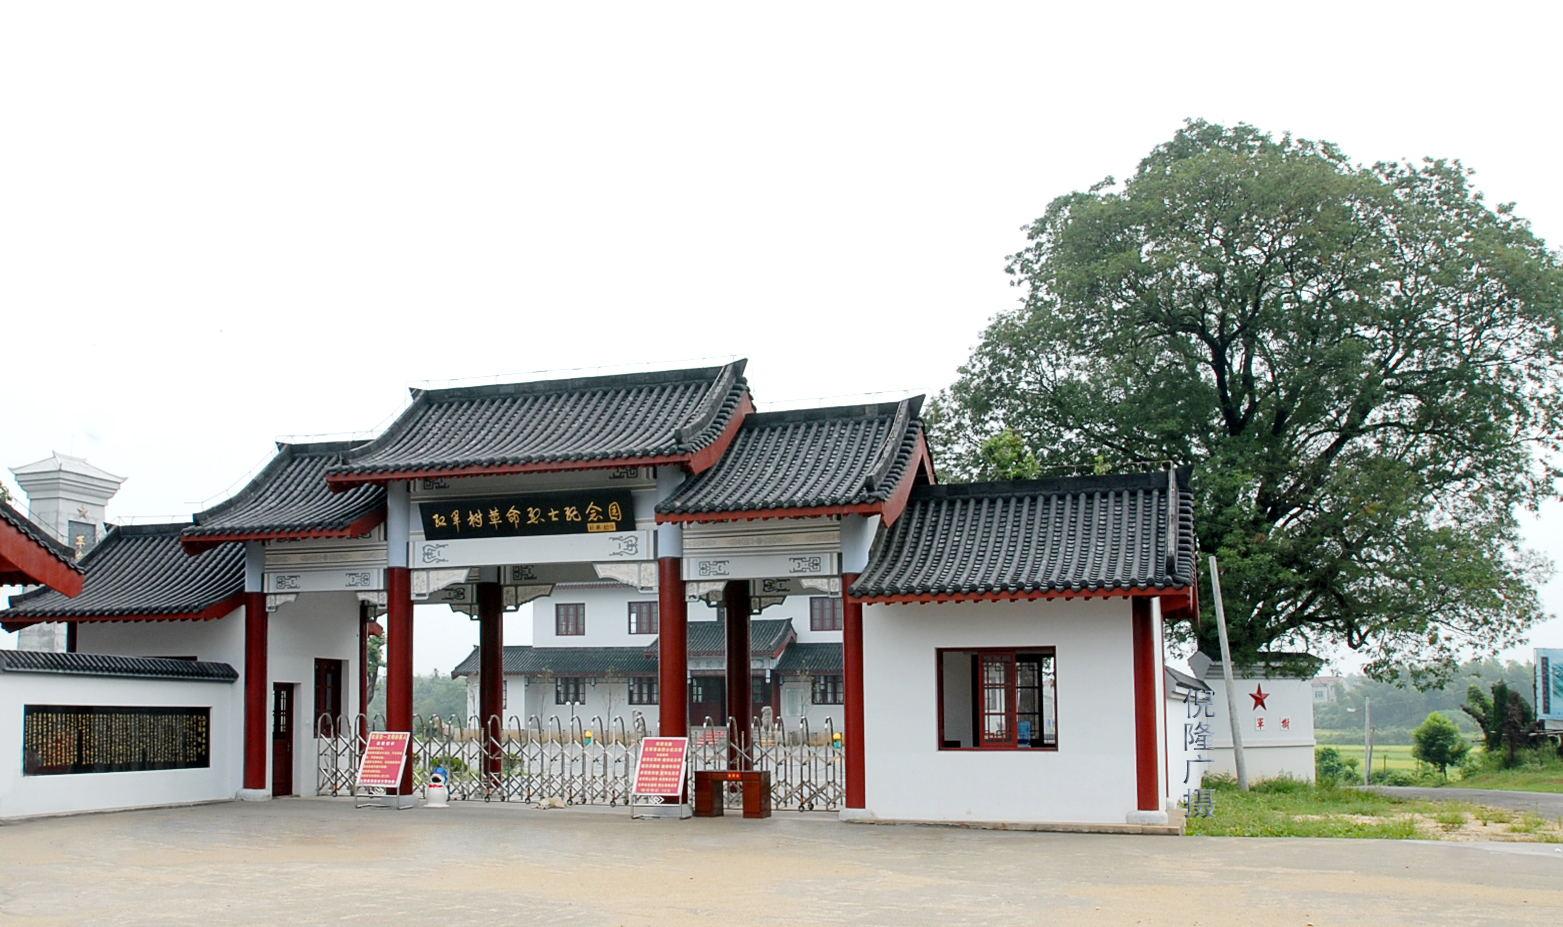 石首桃花山红军树革命烈士纪念园